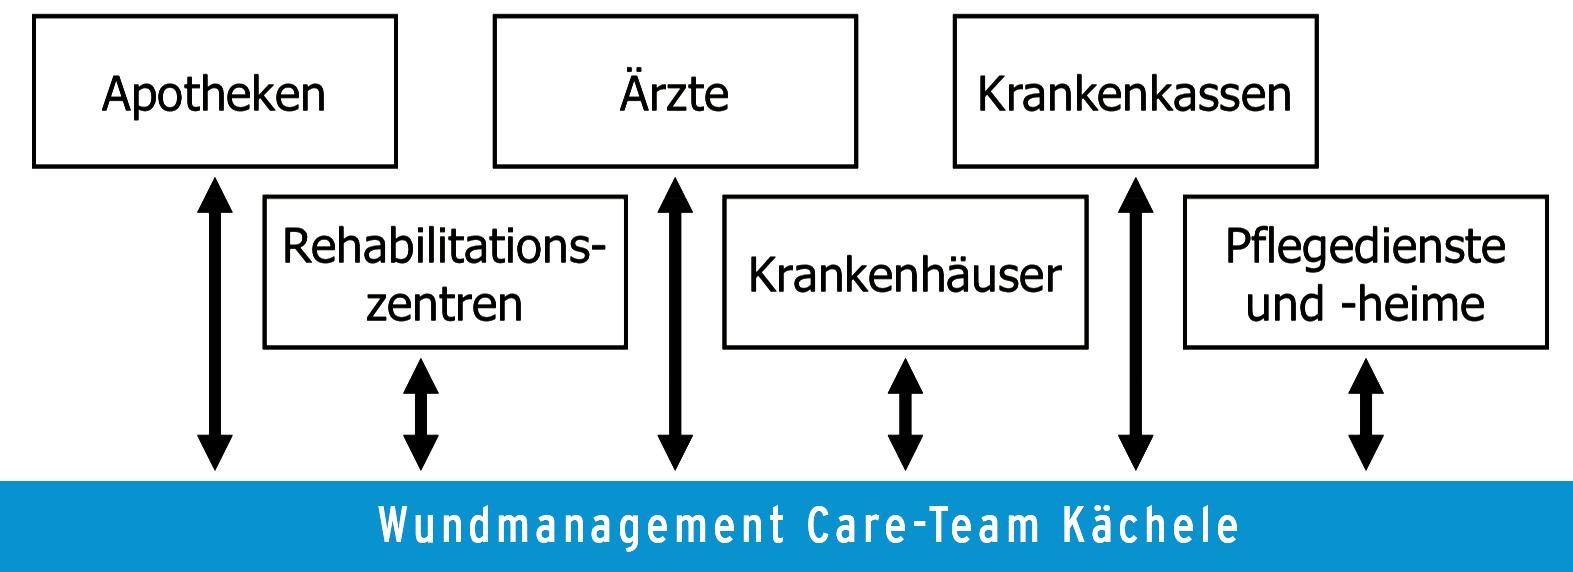 Wundmanagement Kächele2